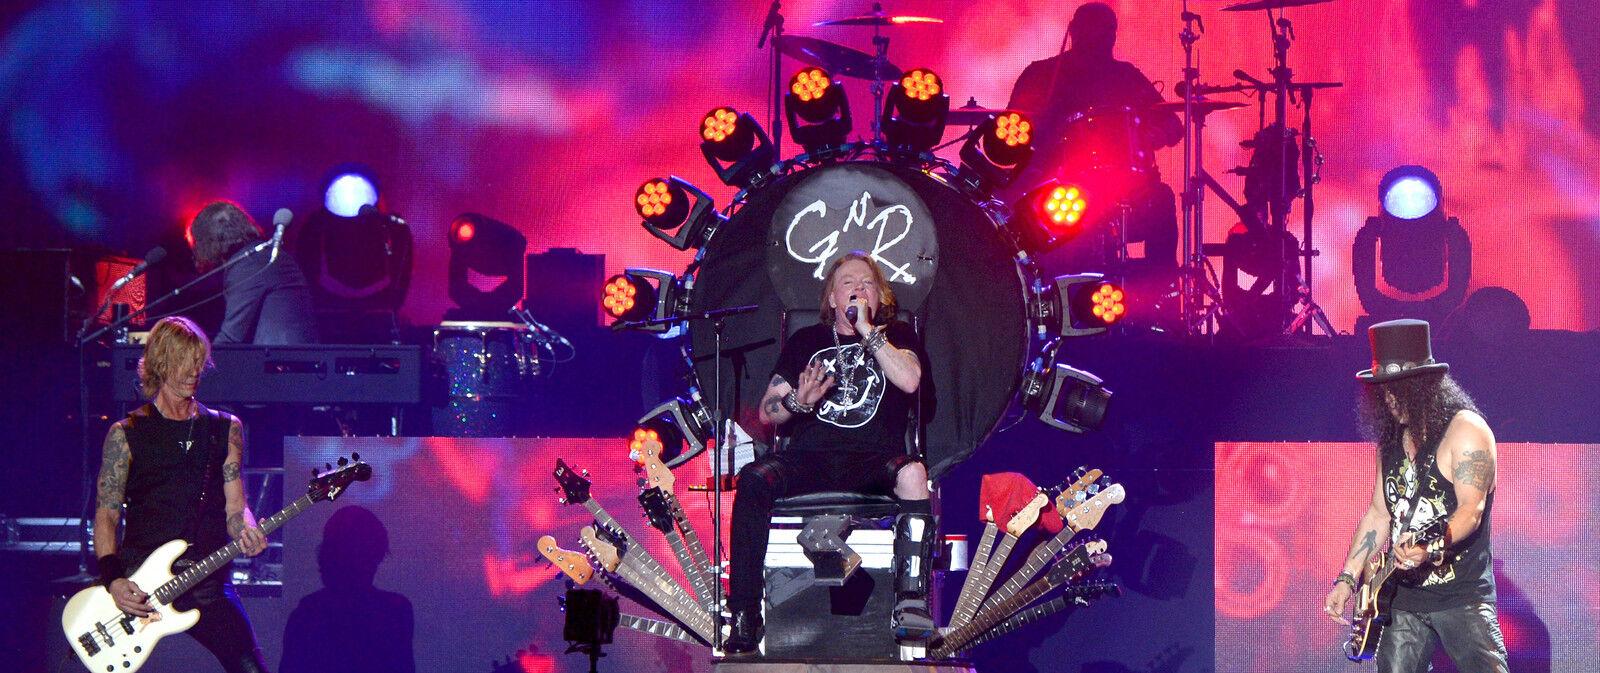 Guns N' Roses (ガンズ・アンド・ローゼズ)